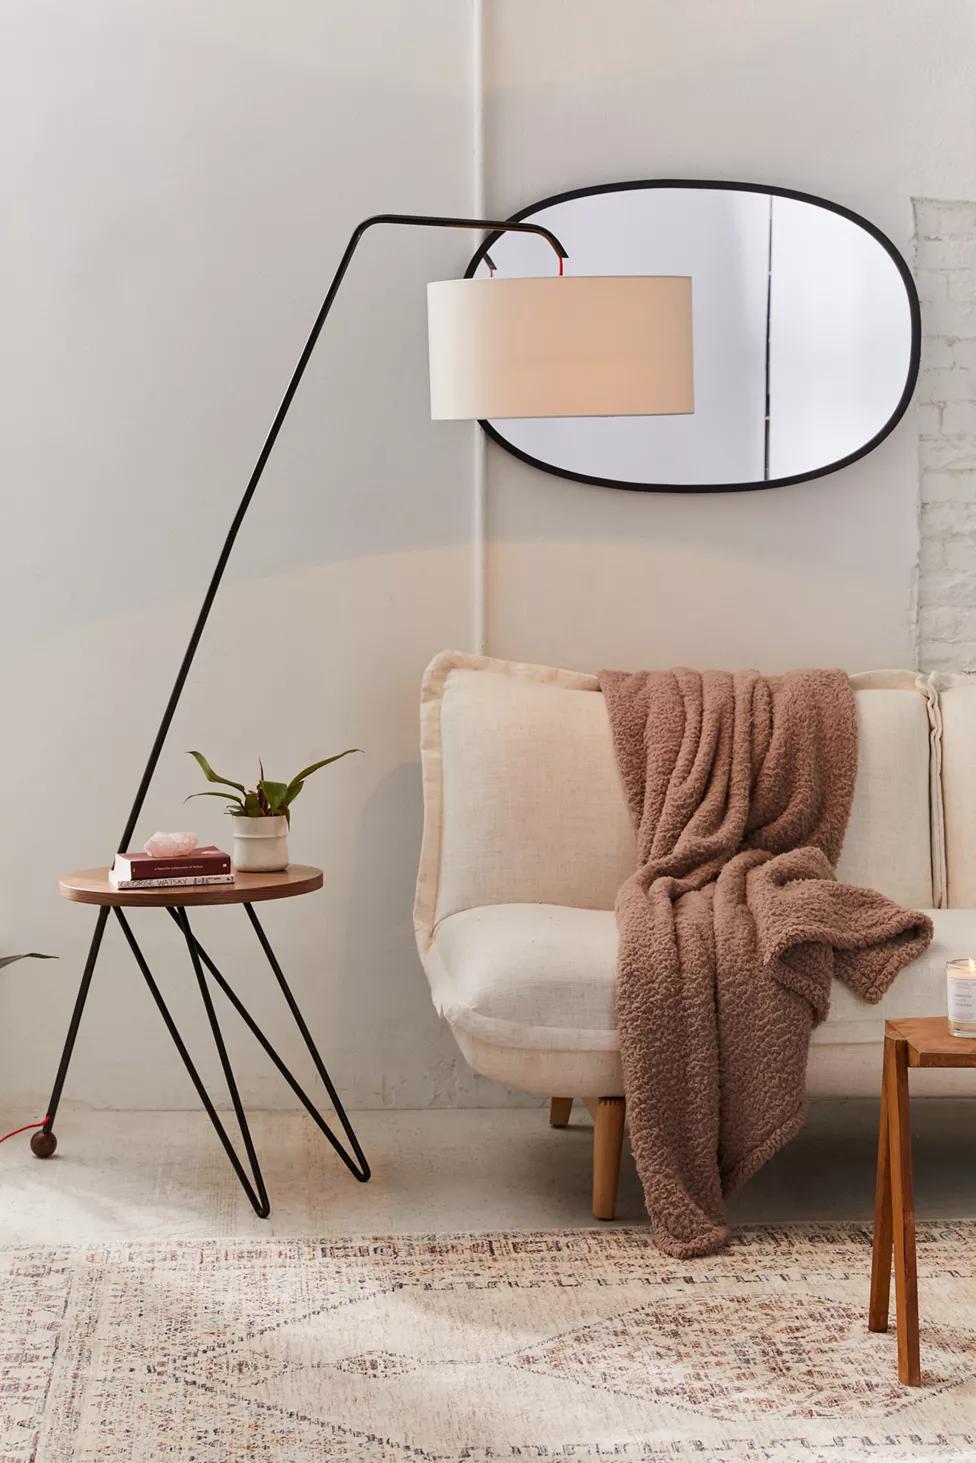 Tiernan Shelf Floor Lamp In 2020 Floor Lamps Living Room Floor Lamp With Shelves Lamps Living Room